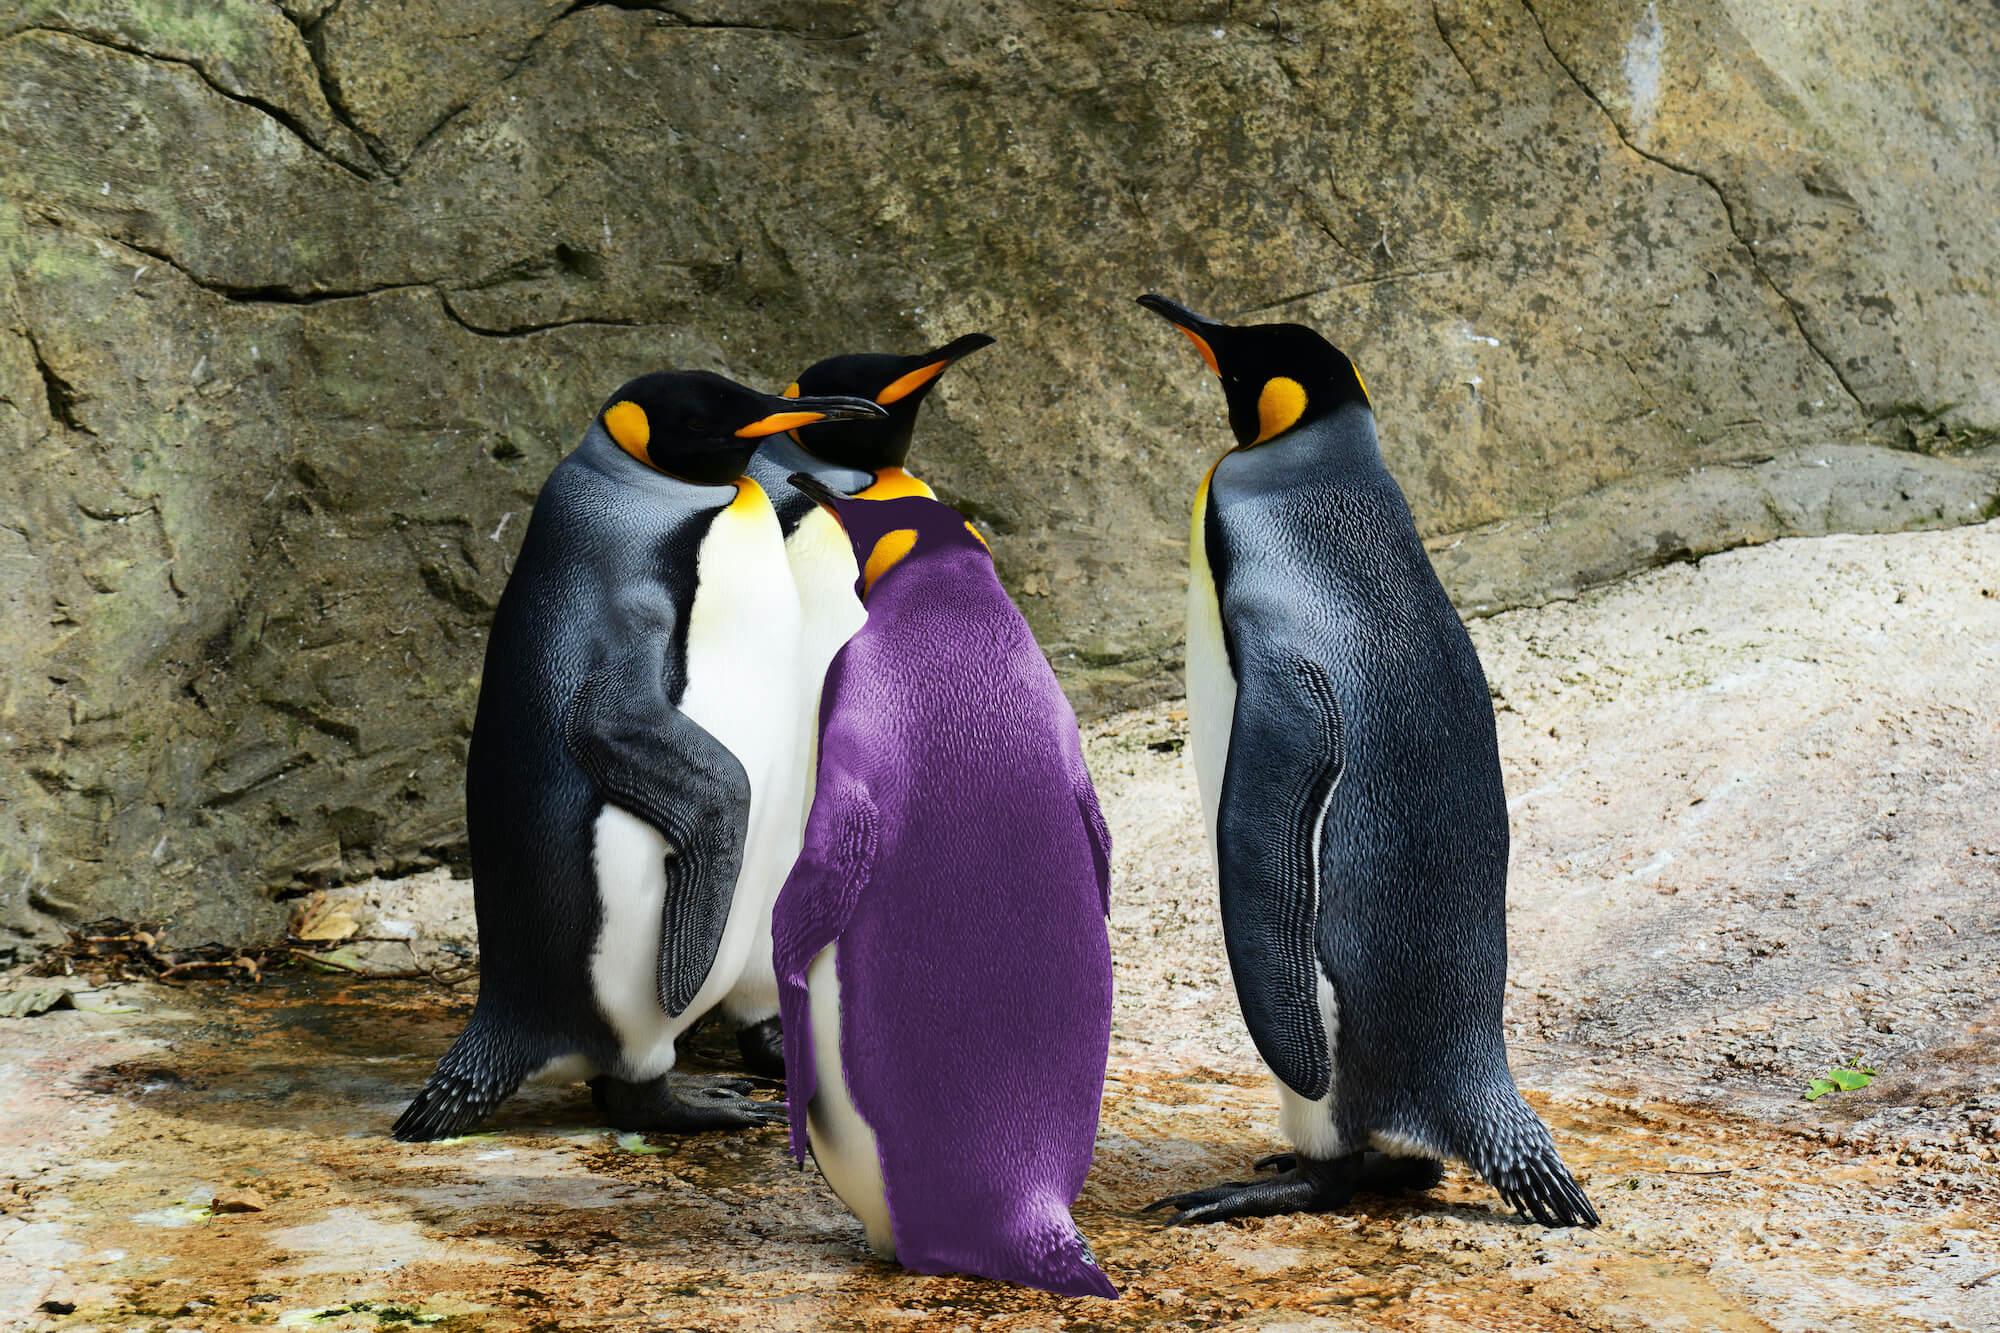 Penguins - one purple